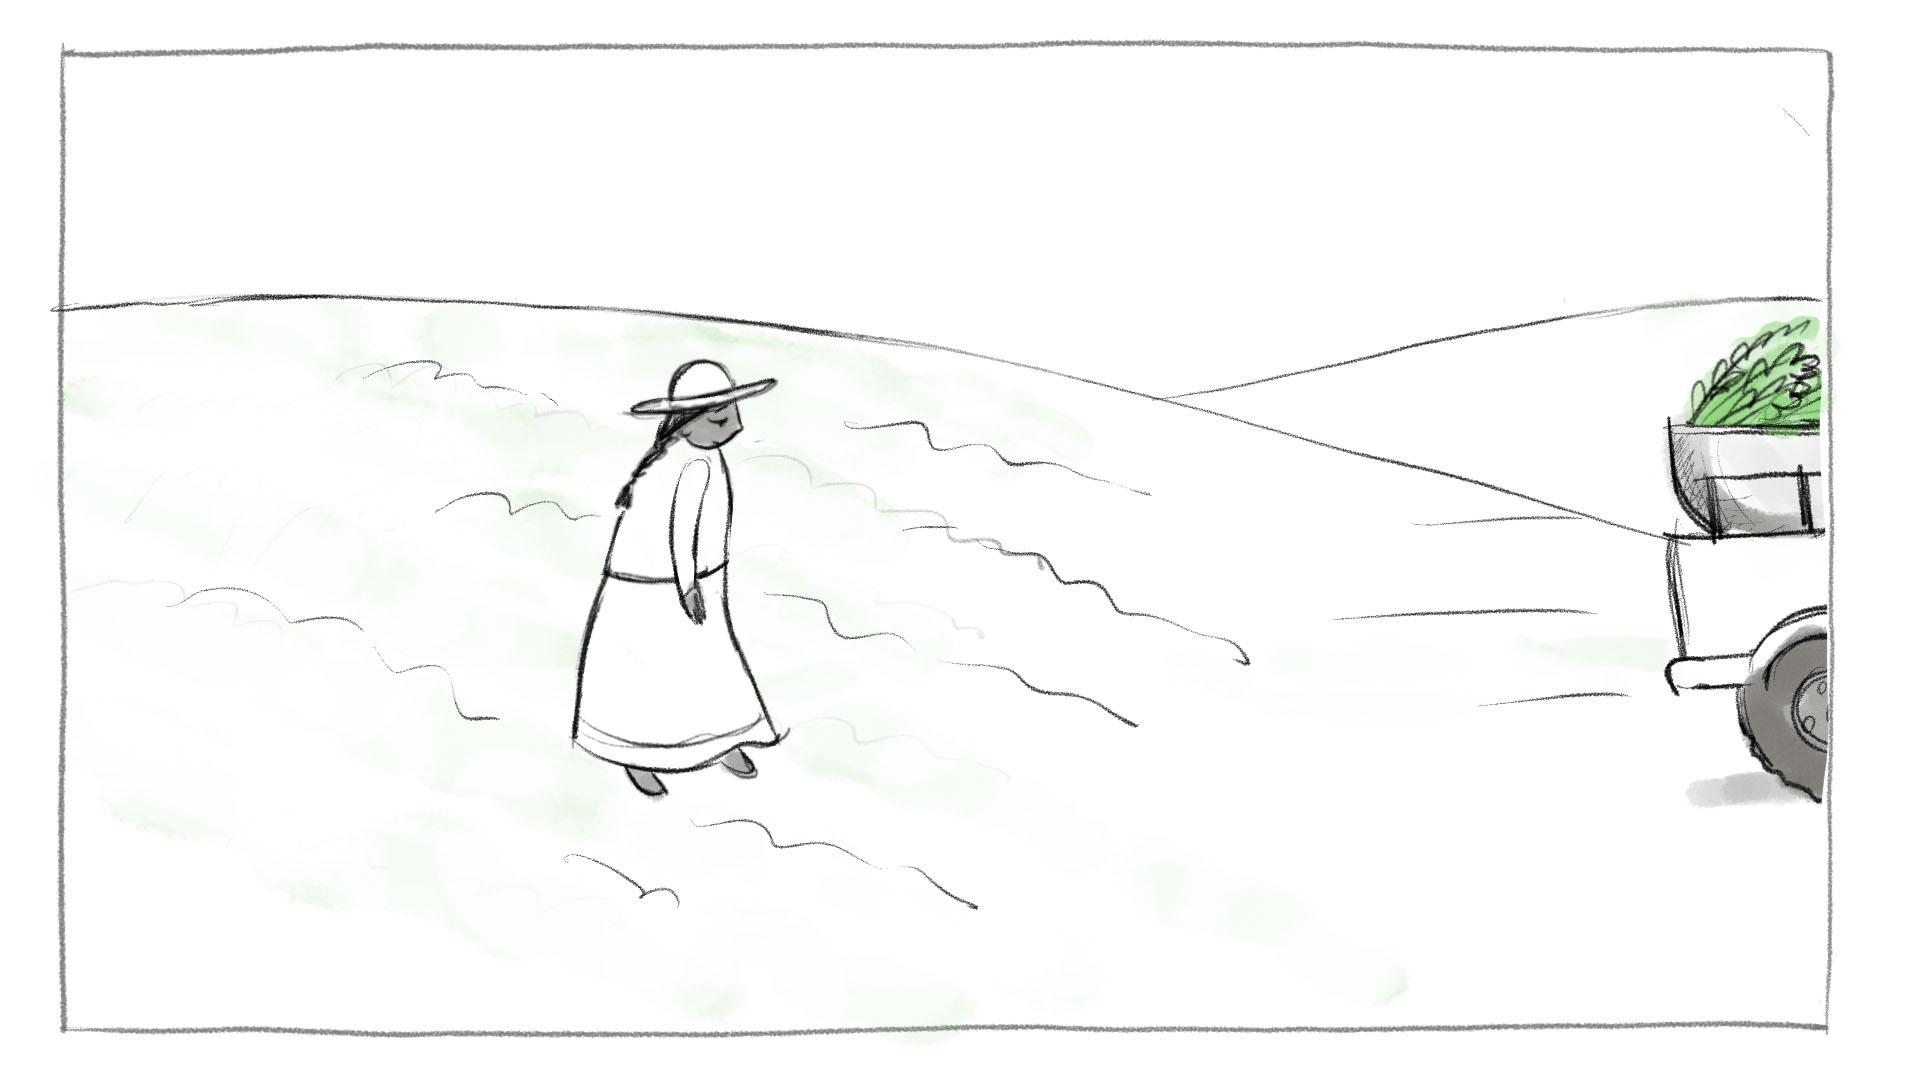 Shahidi_Storyboards_3b-3.jpg